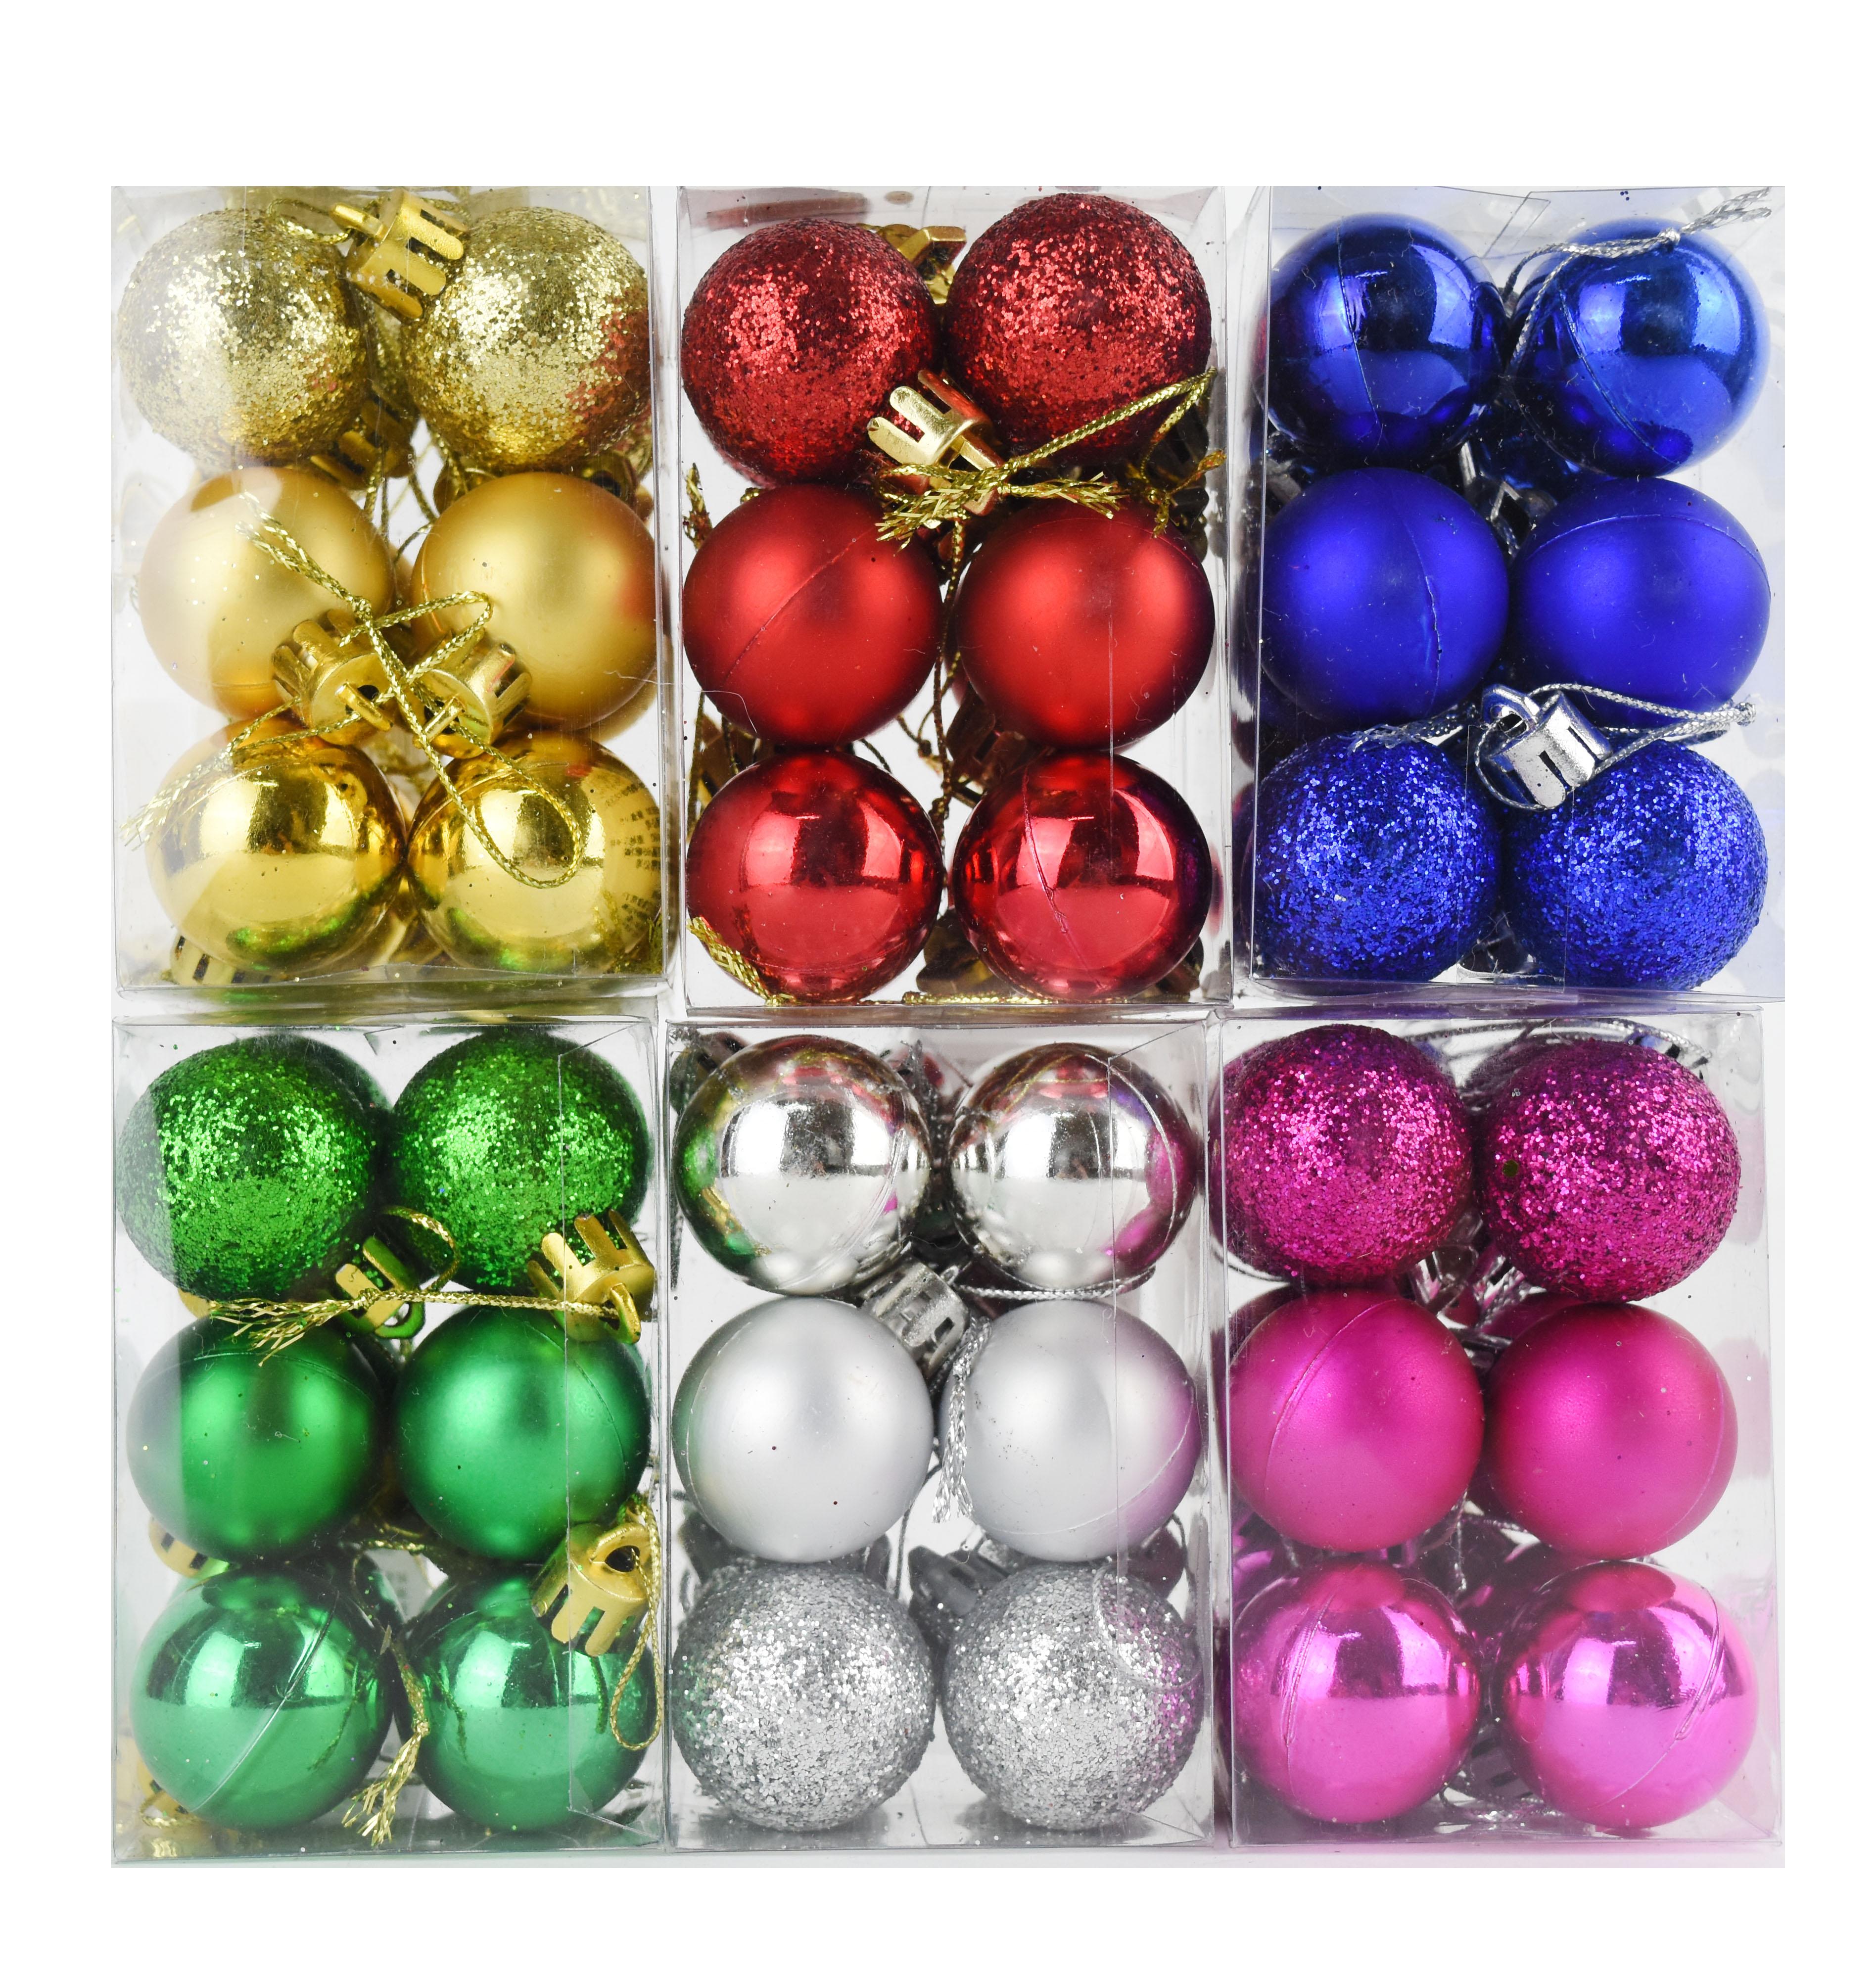 X射線 3cm混樣鍍金球-12入(綜合下標區),聖誕節/聖誕佈置/聖誕鍍金球/聖誕球/吊飾/會場佈置/DIY/材料包/電鍍球